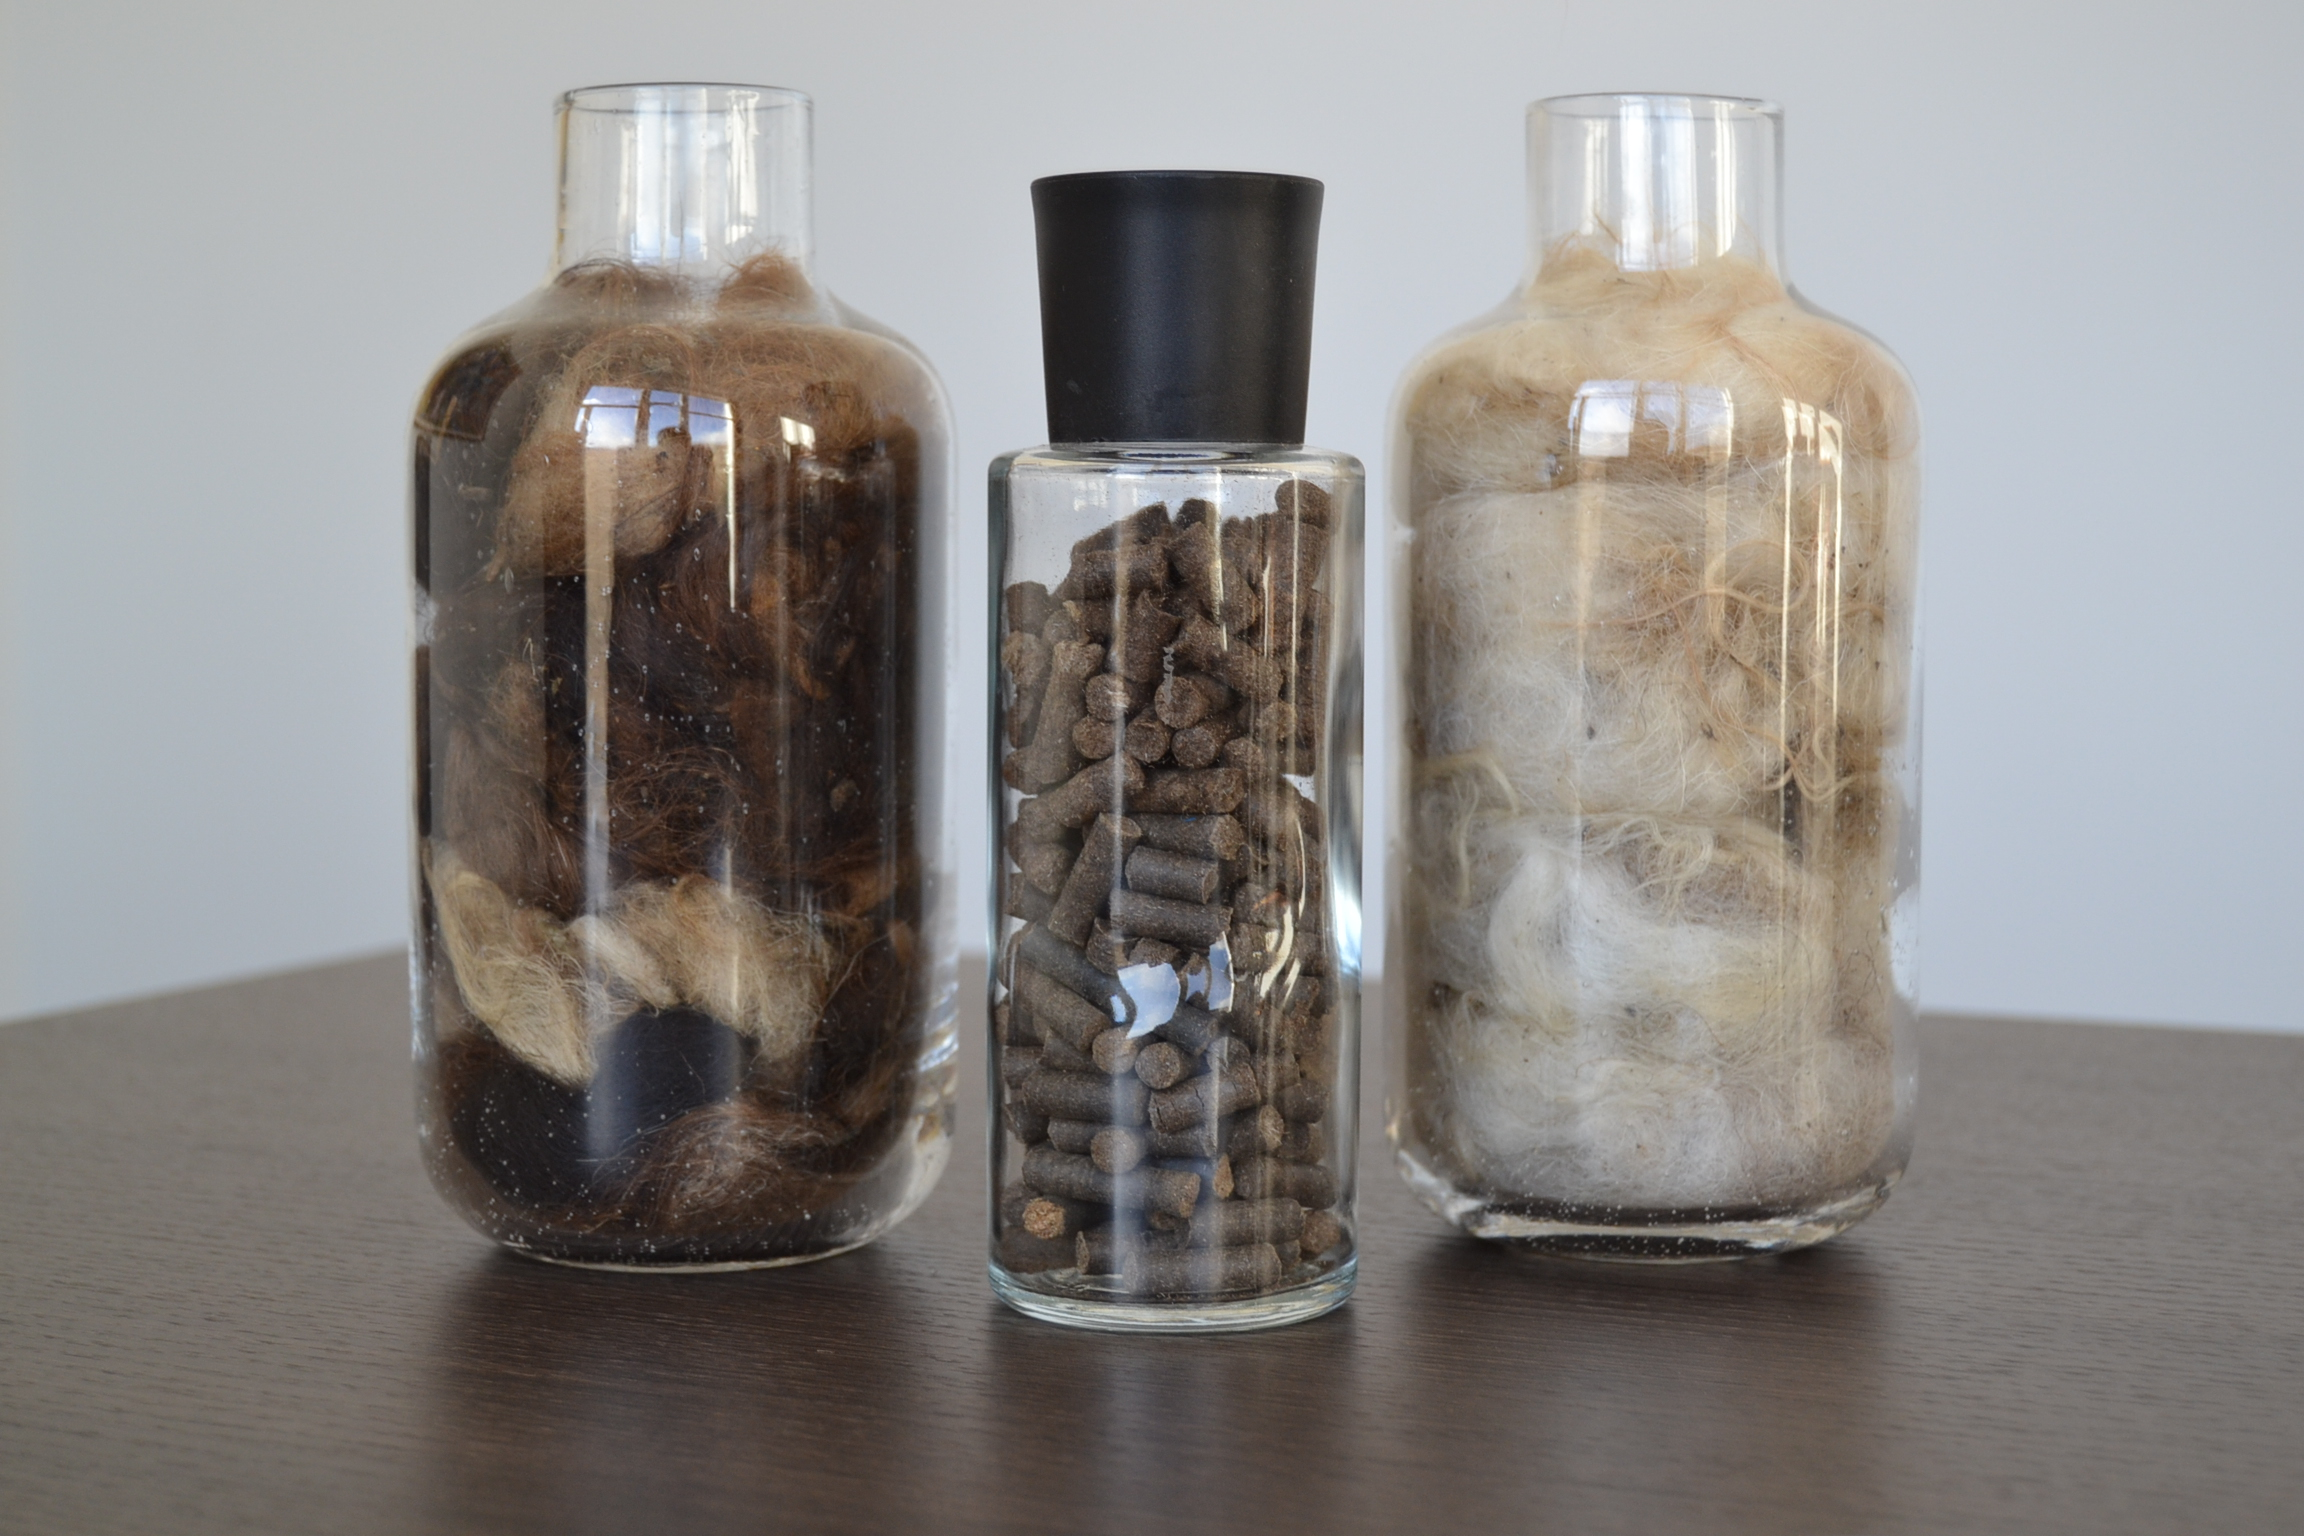 Монпеллетс бордоо нь хэт усалгаанаас үүсэж болох ургамлын үндэсний ялзралыг хамгаалах замаар эрдсээ шингээн ургацыг 10-14 сар бордоно.